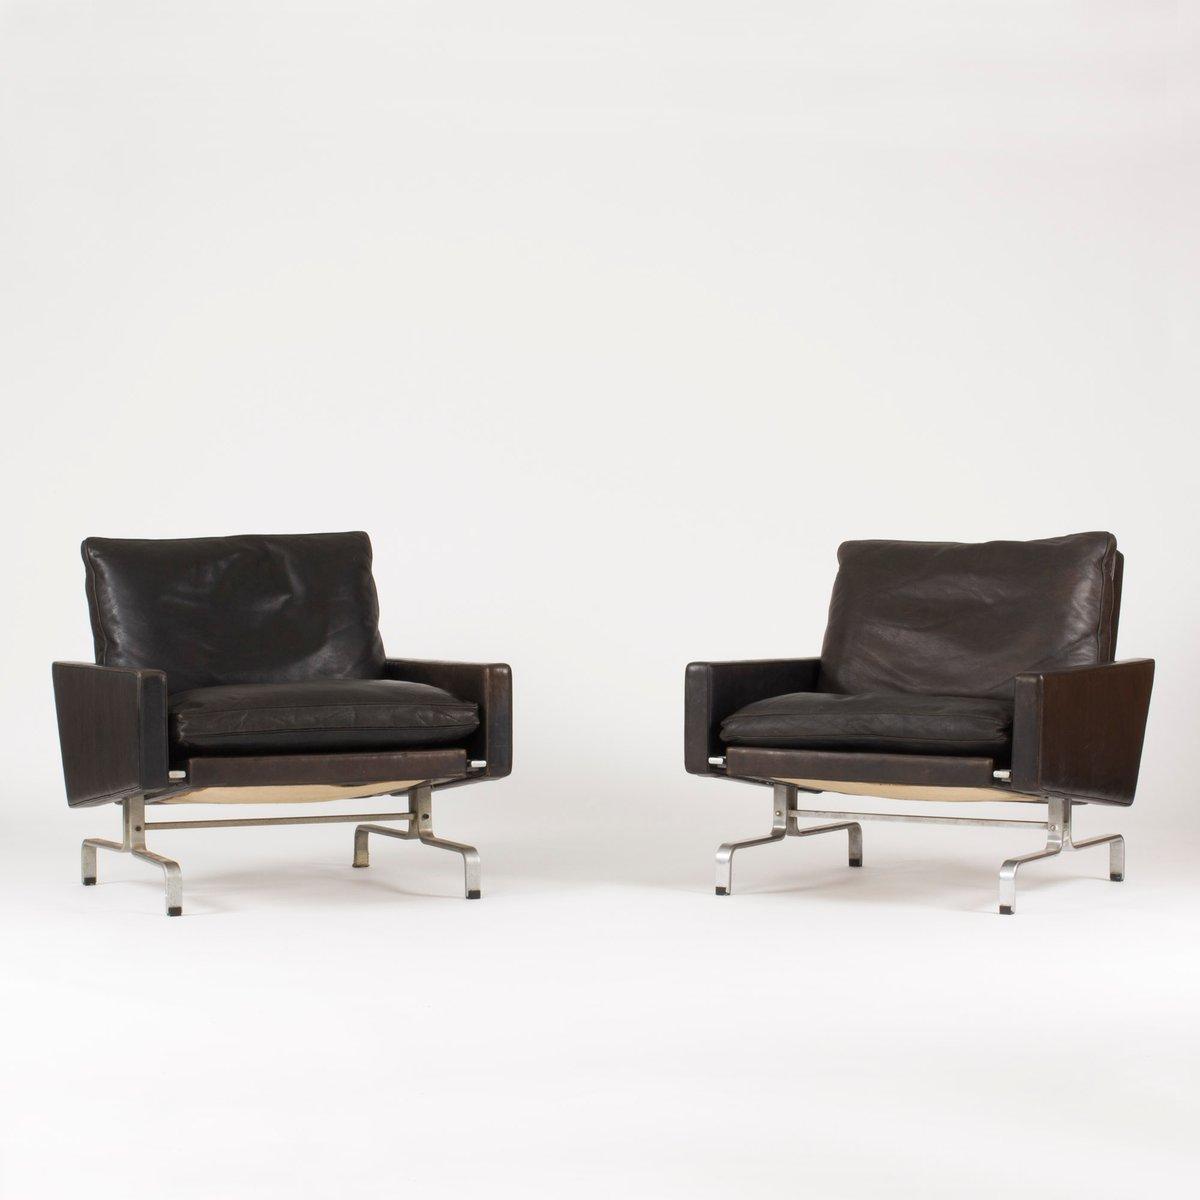 PK 31 Sessel von Poul Kjærholm für E. Kold Christensen, 1960er, 2er Se...